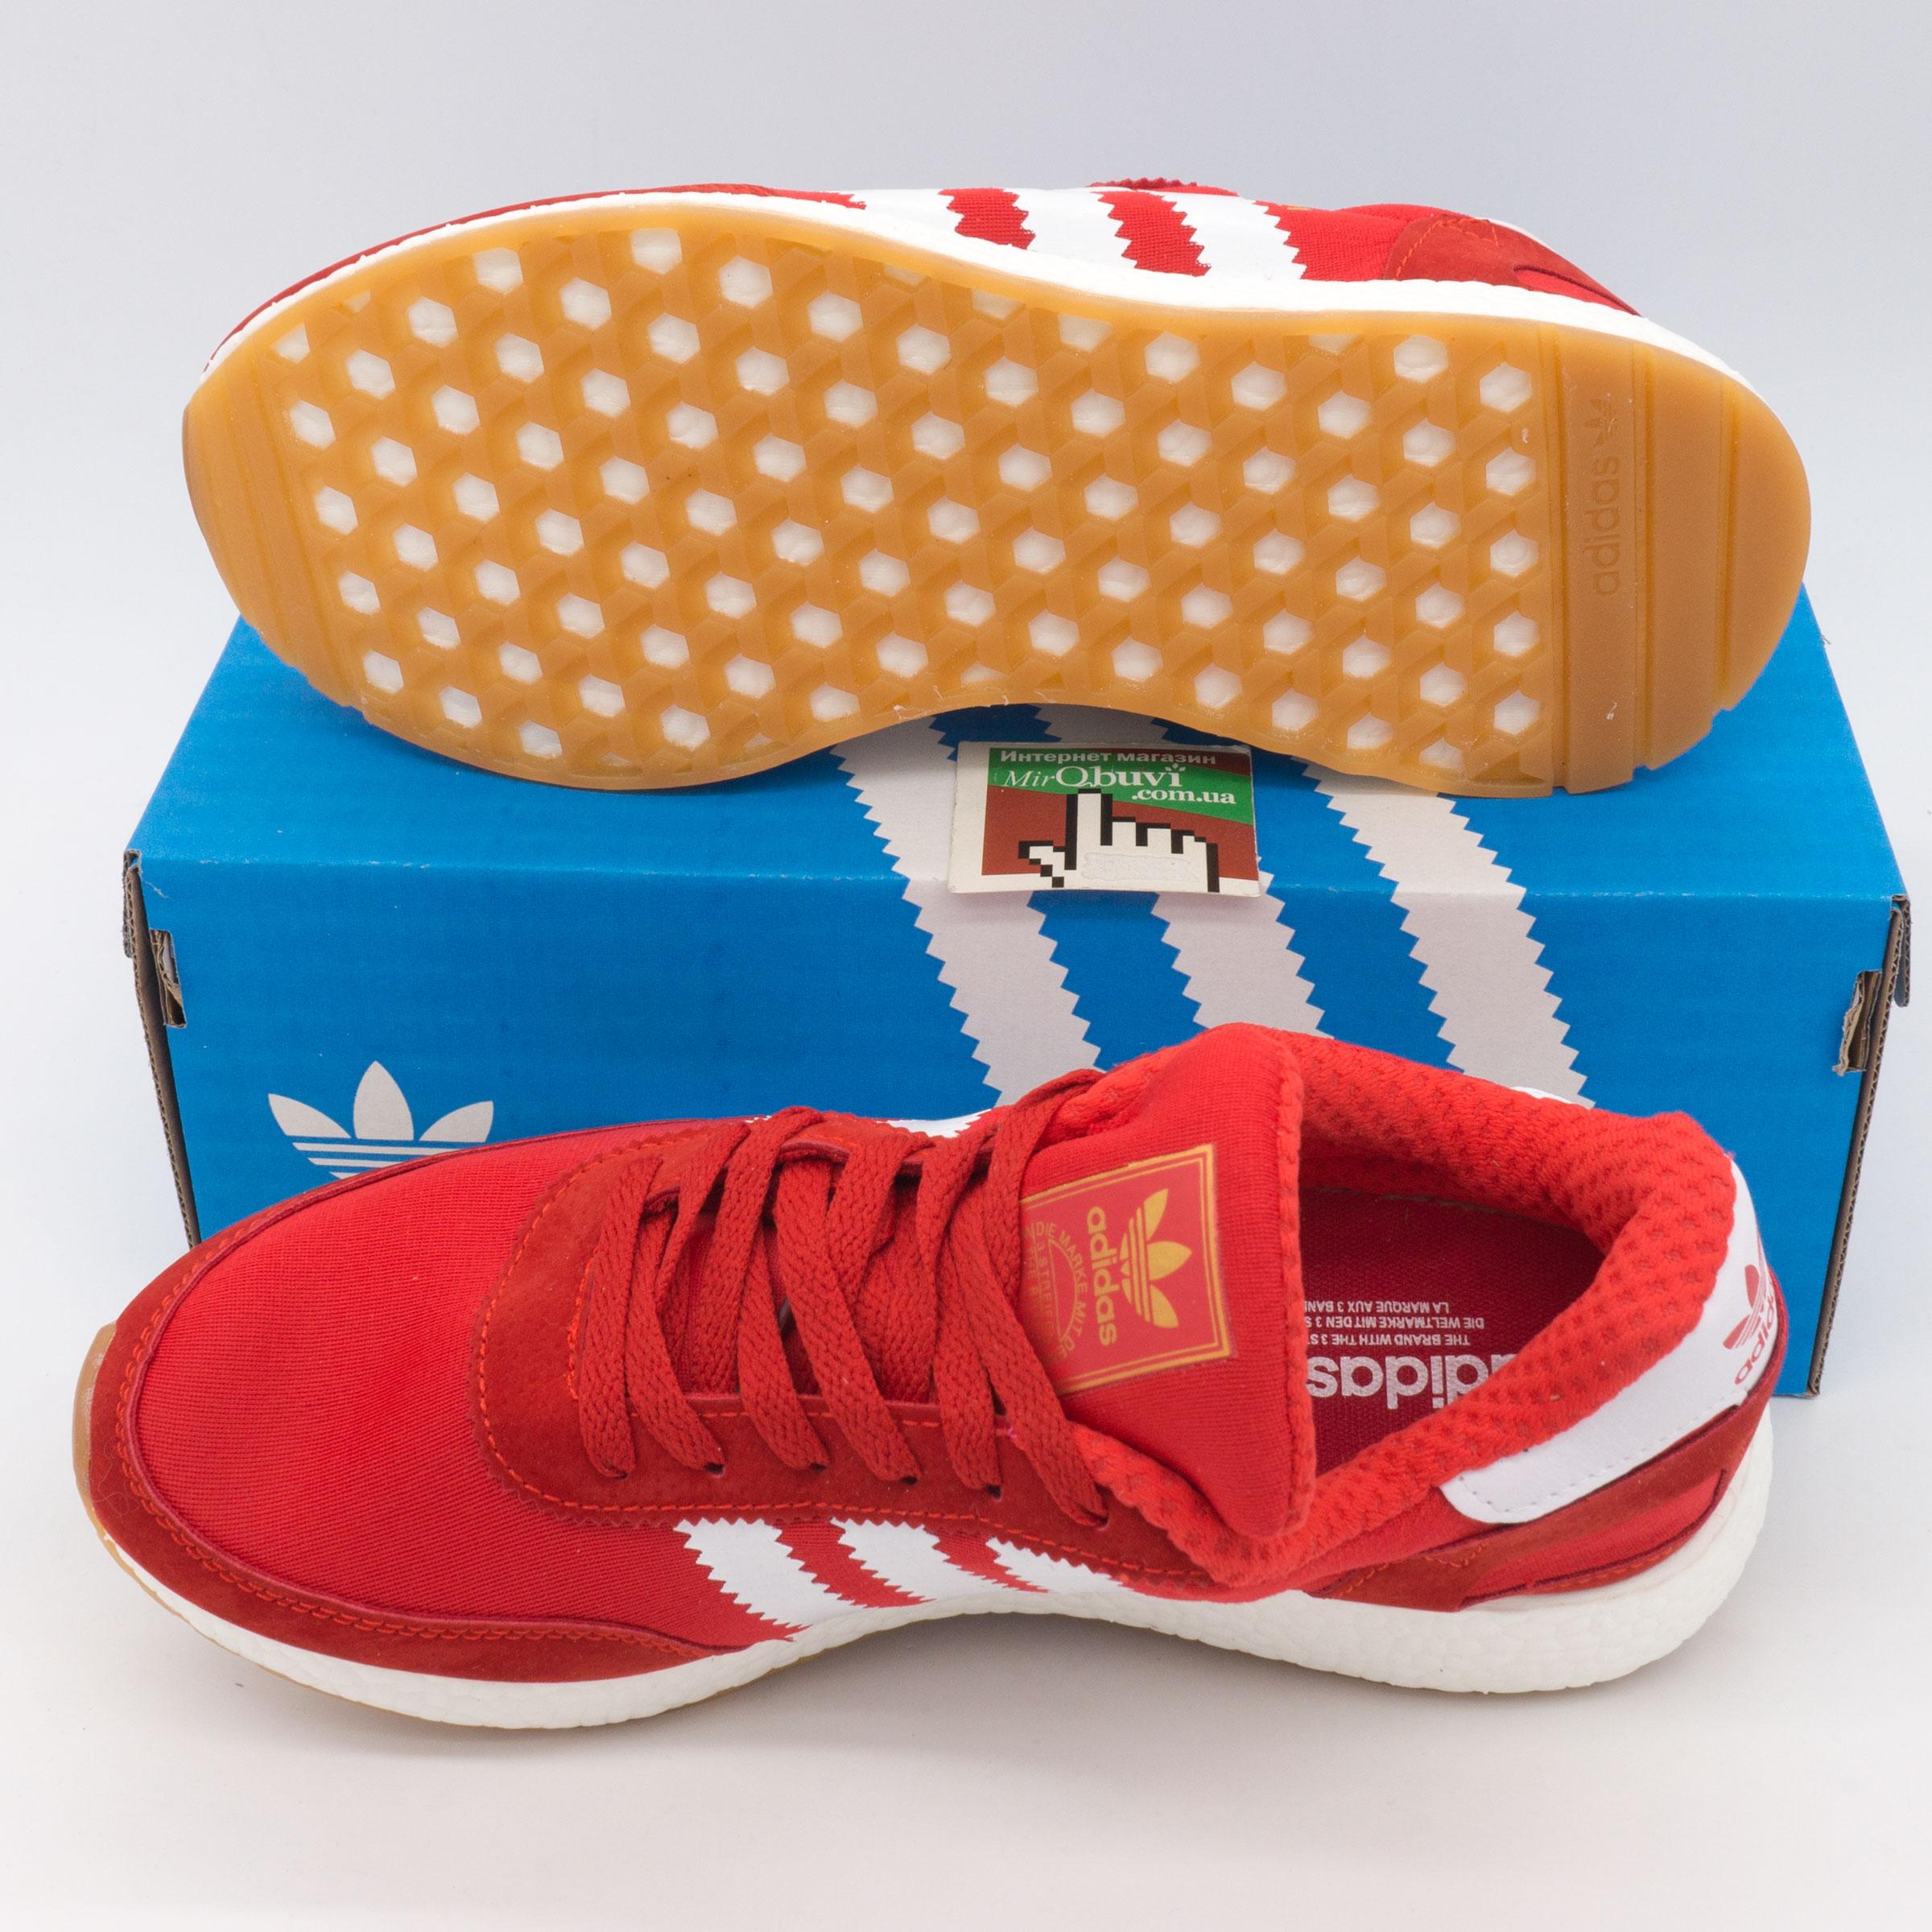 фото bottom Кроссовки для бега Adidas Iniki Runner красные bottom